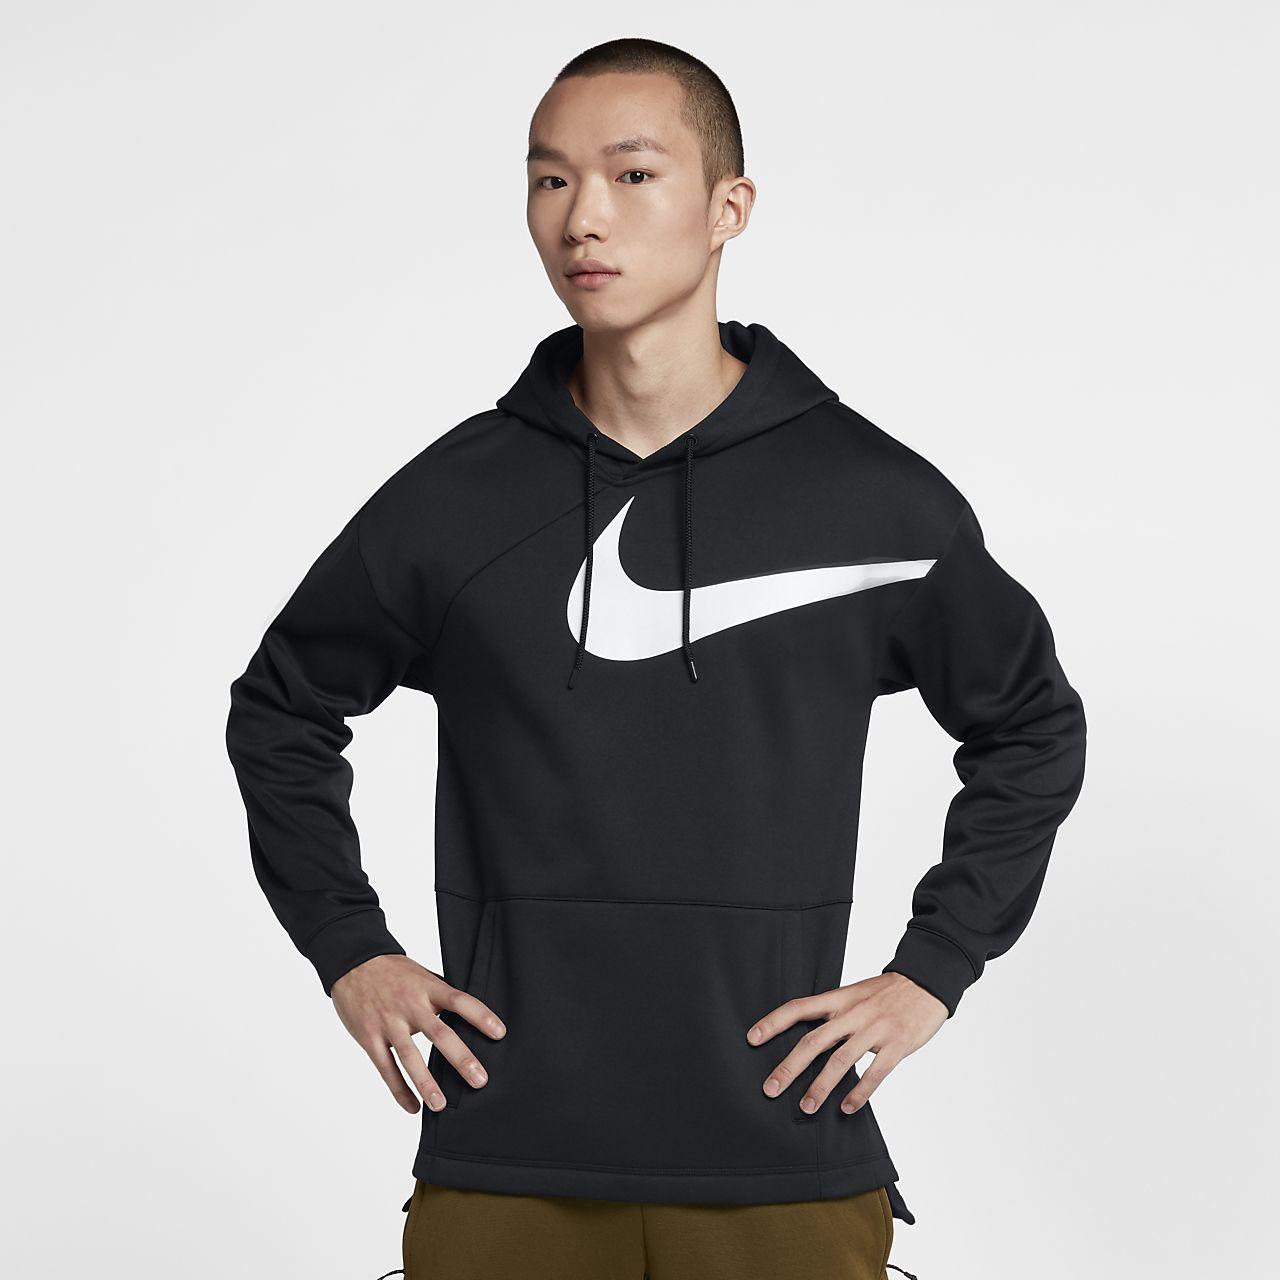 Hombre Sudadera Nike De Modern Capucha Entrenamiento Para Sin Therma Cierre Con Ybfg7vy6